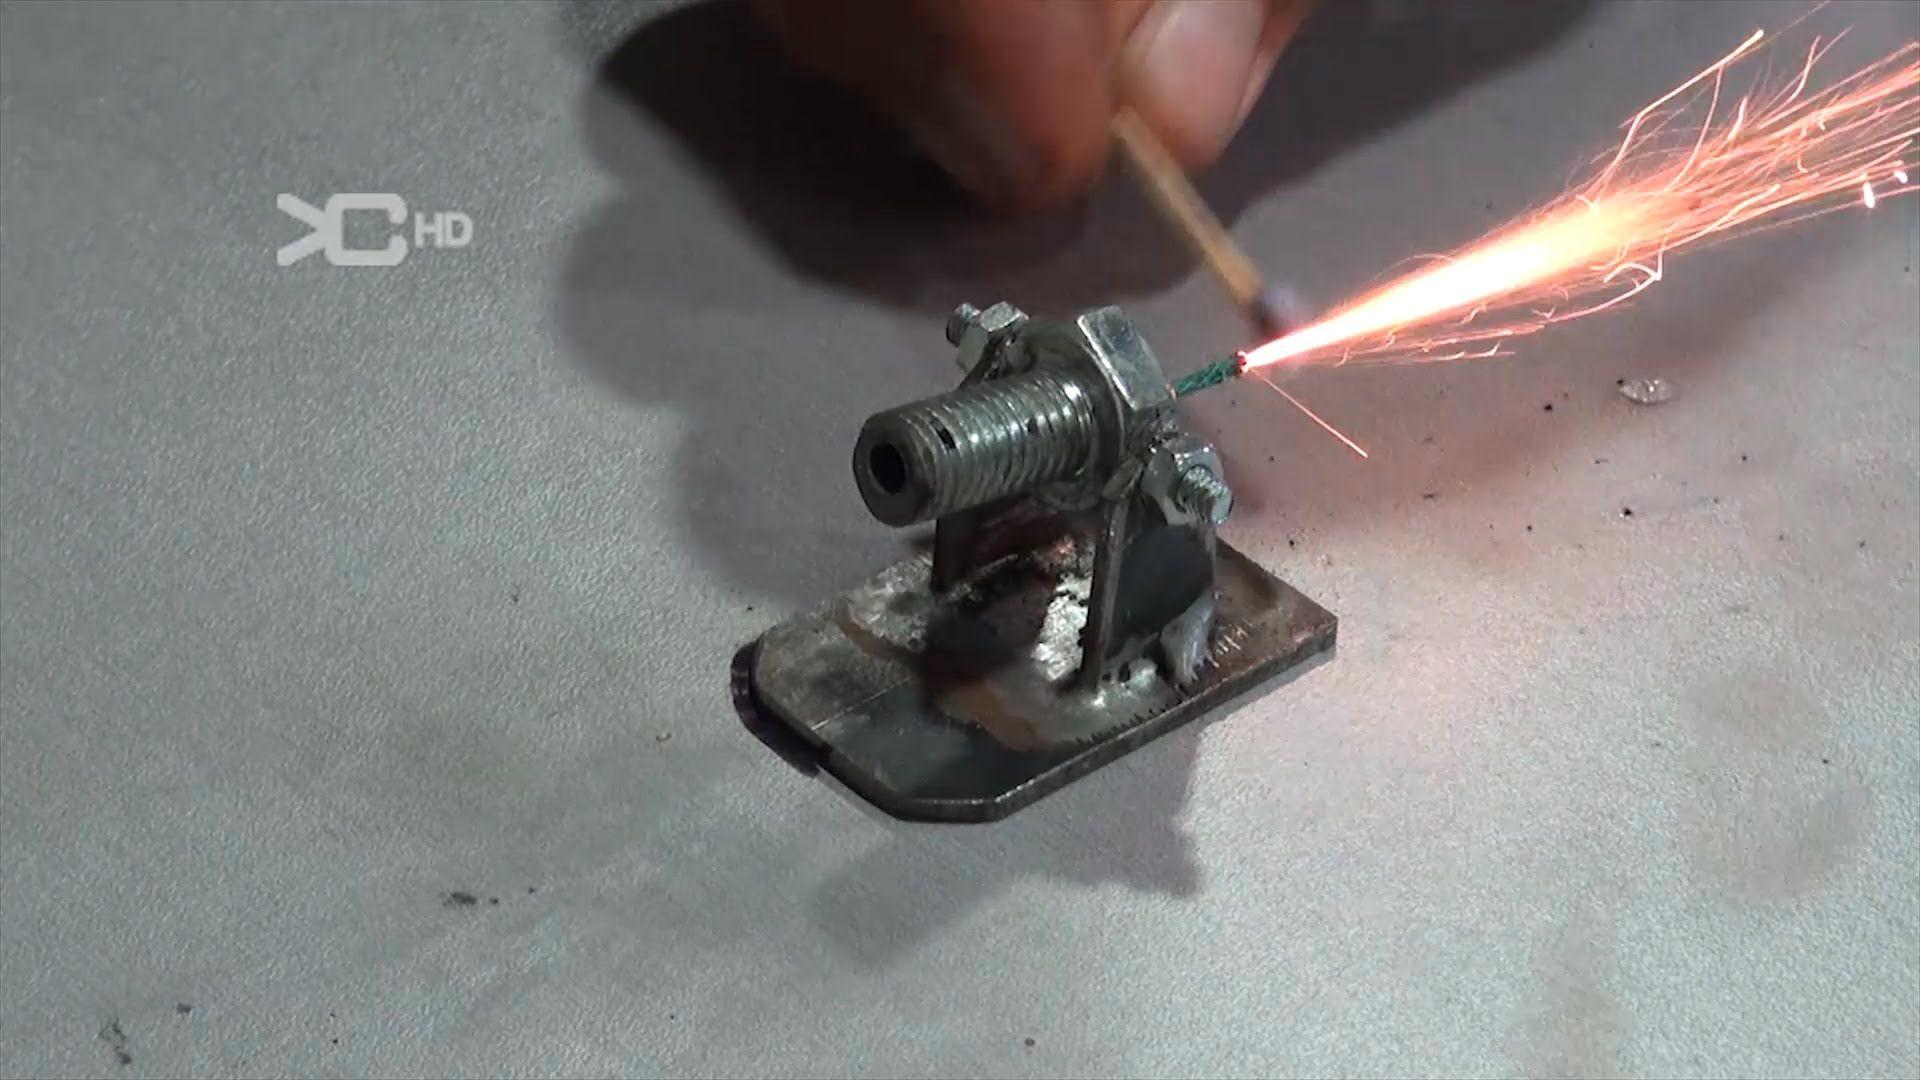 Mini cannon muzzle loading